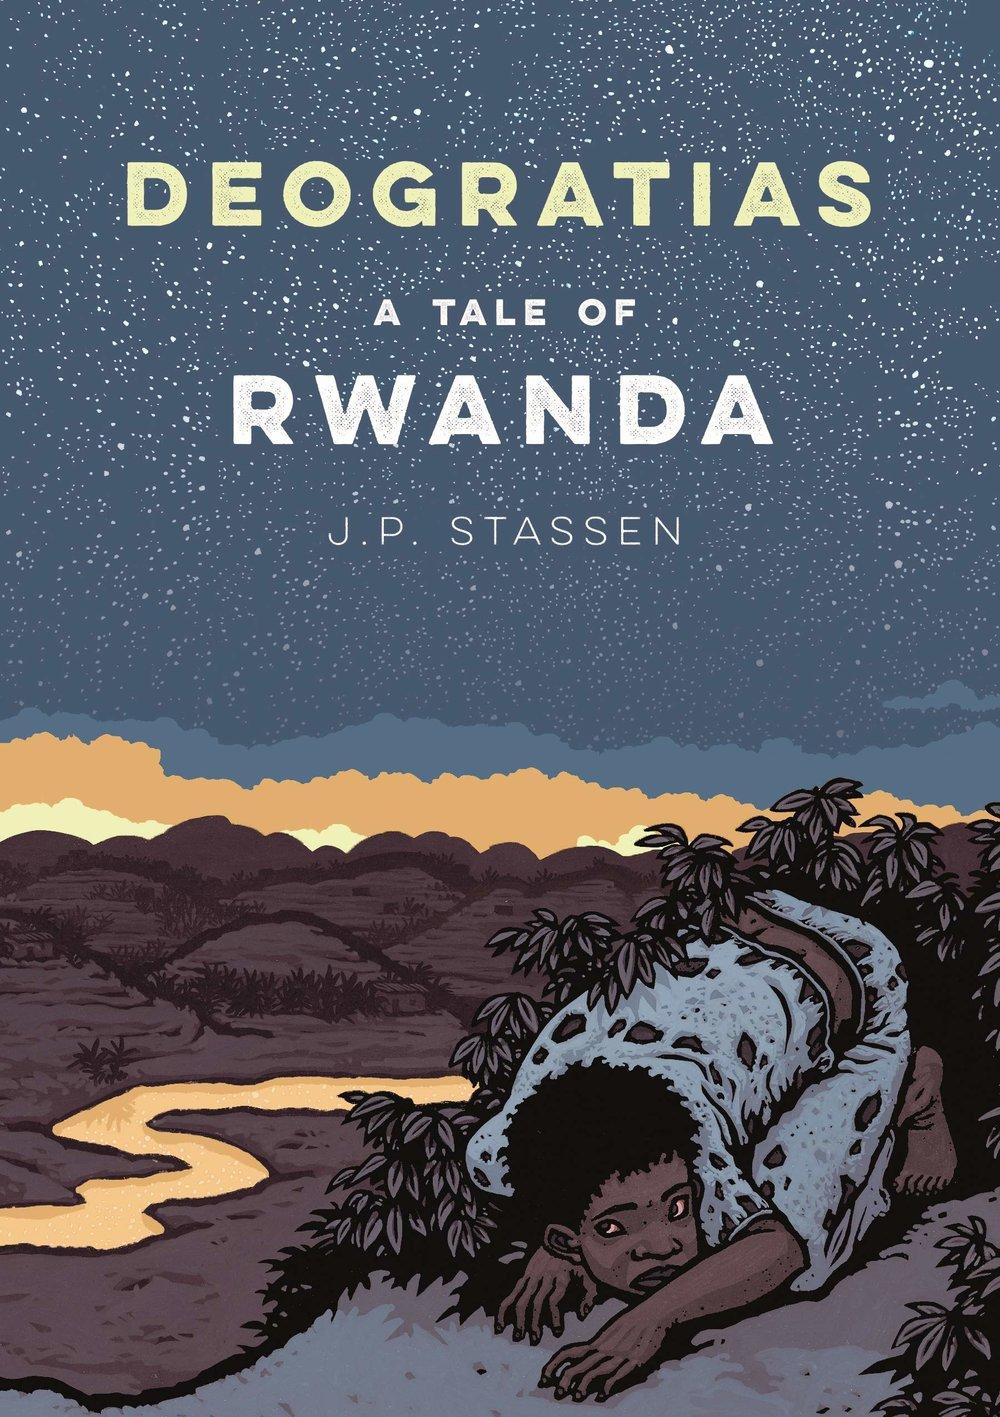 Deogratias A Tale of Rwanda.jpg